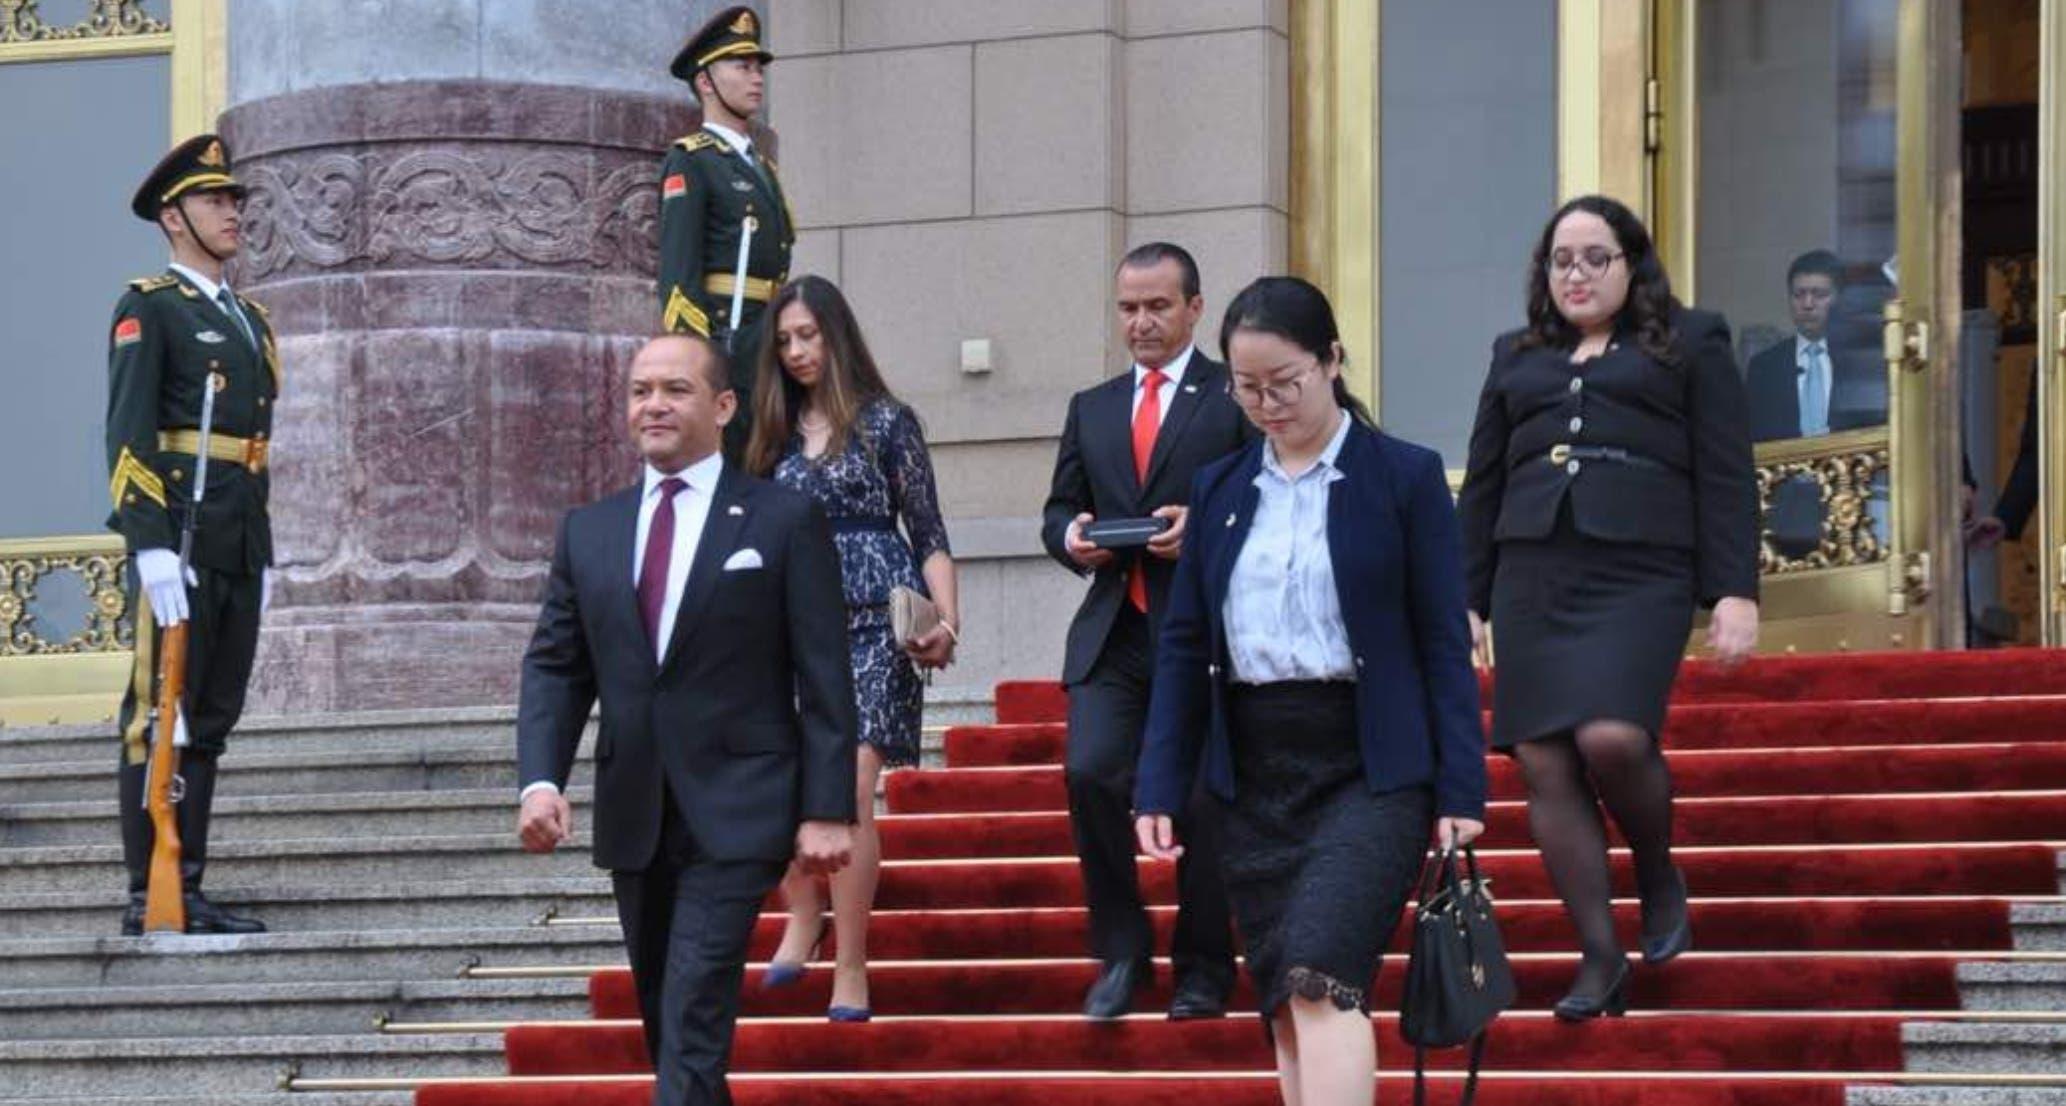 El embajador dominicano Briunny Garabito Segura  presentó sus cartas credenciales  ante el presidente de China, Xi Jinping.   fuente externa